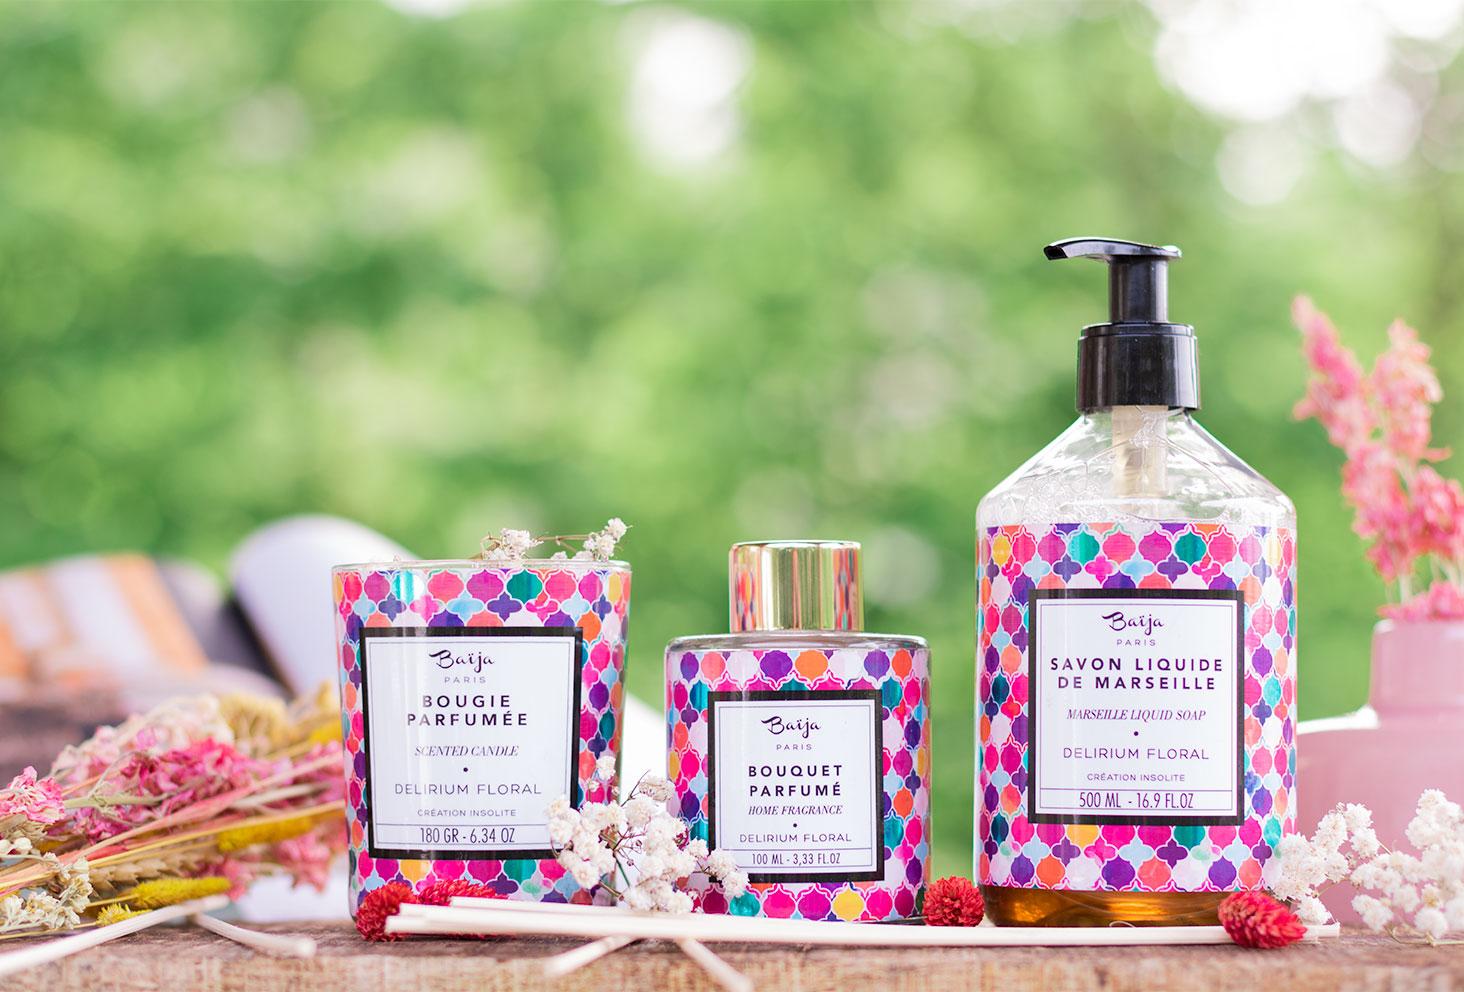 Zoom sur le savon liquide de Marseille, la bougie et le bouquet parfumé de la gamme Delirium Floral de Baïja, posés sur une planche en bois devant un magasine, entourés de fleurs séchées